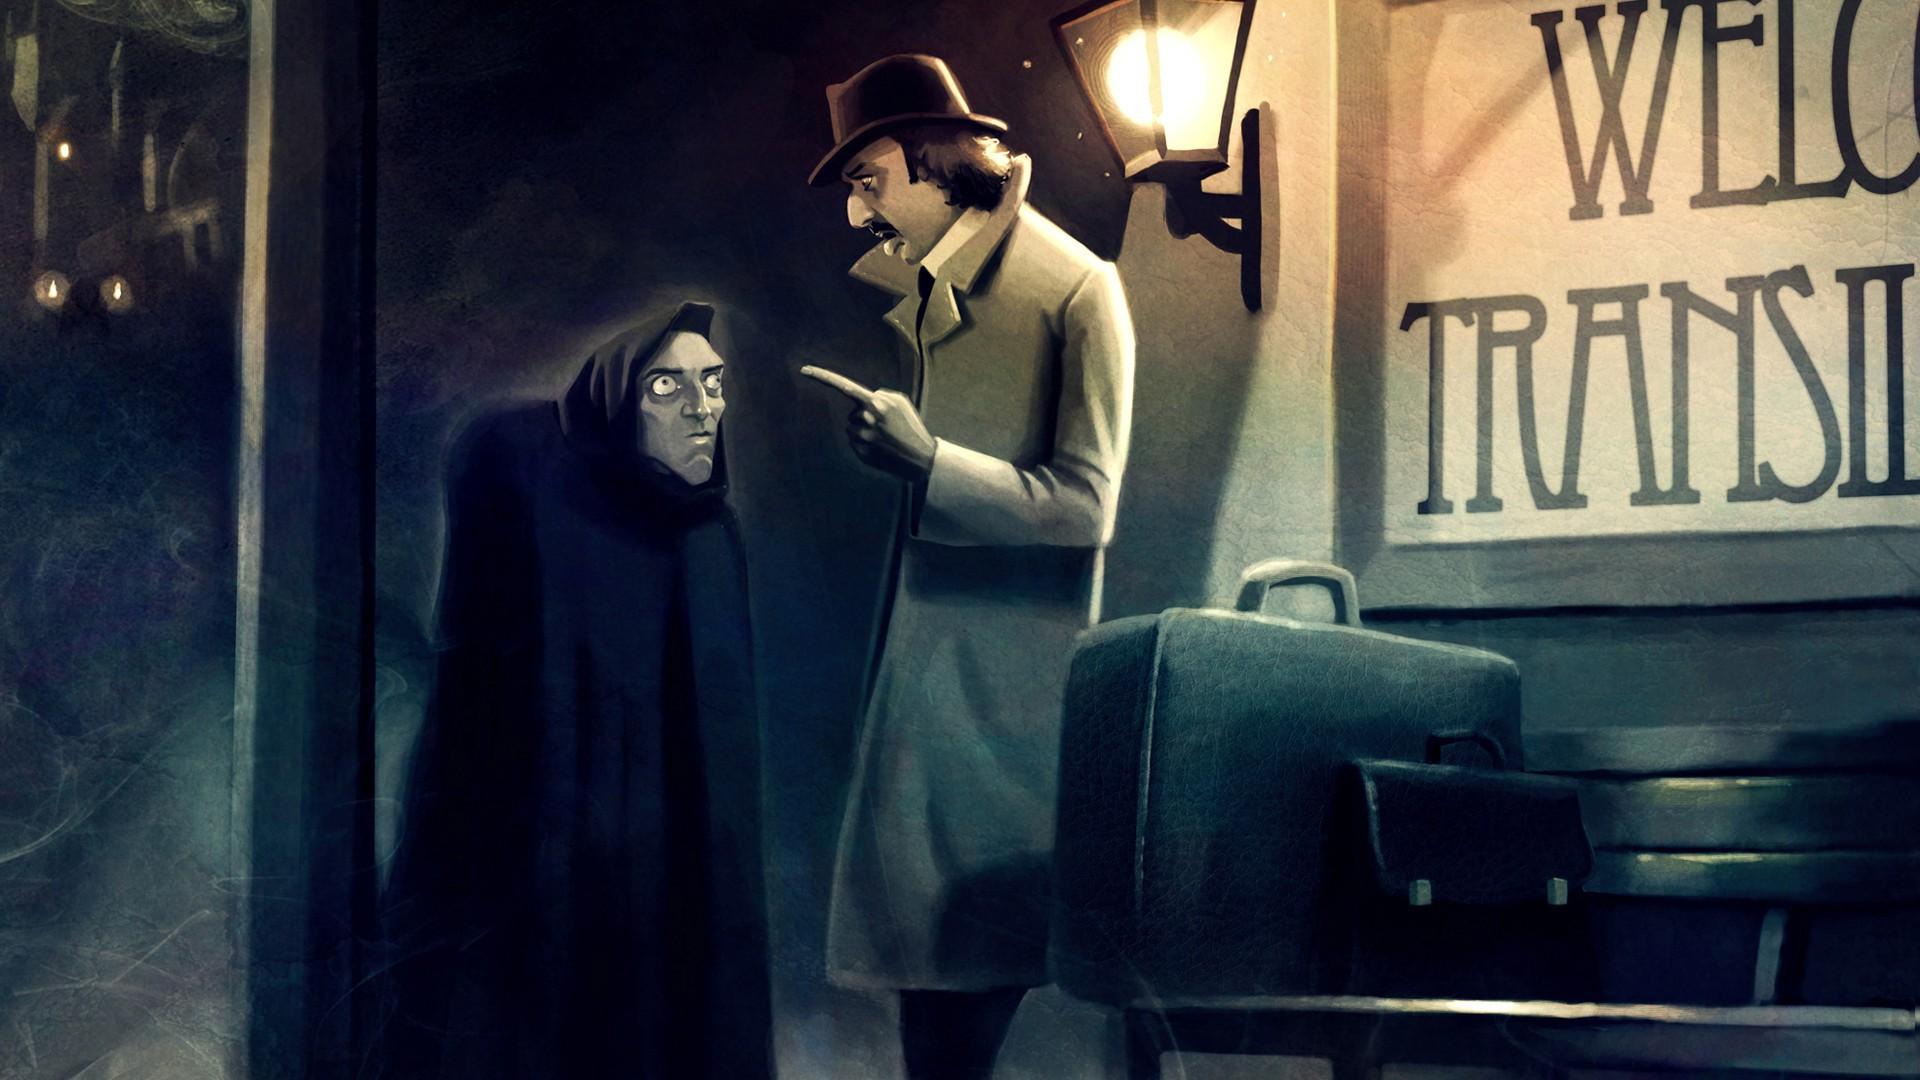 movies Frankenstein Young Frankenstein wallpaper background 1920x1080